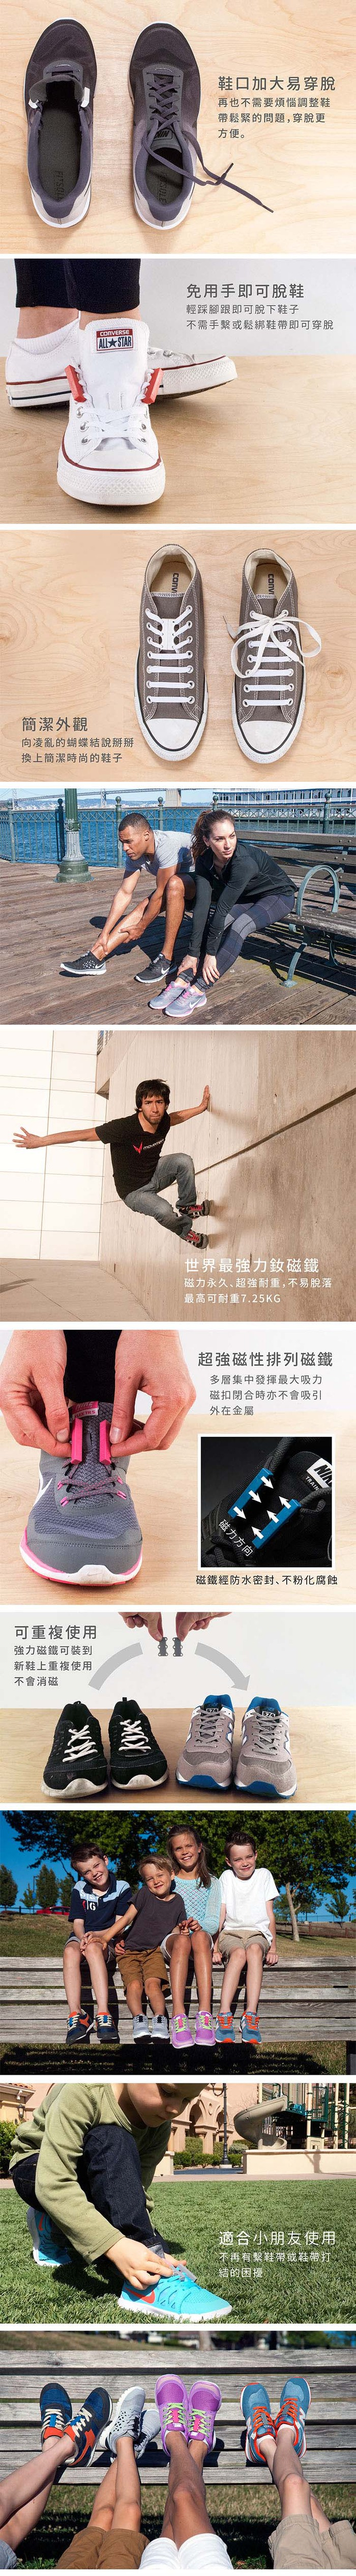 美國 Zubits│強磁鞋帶扣 2 號 - 棕褐